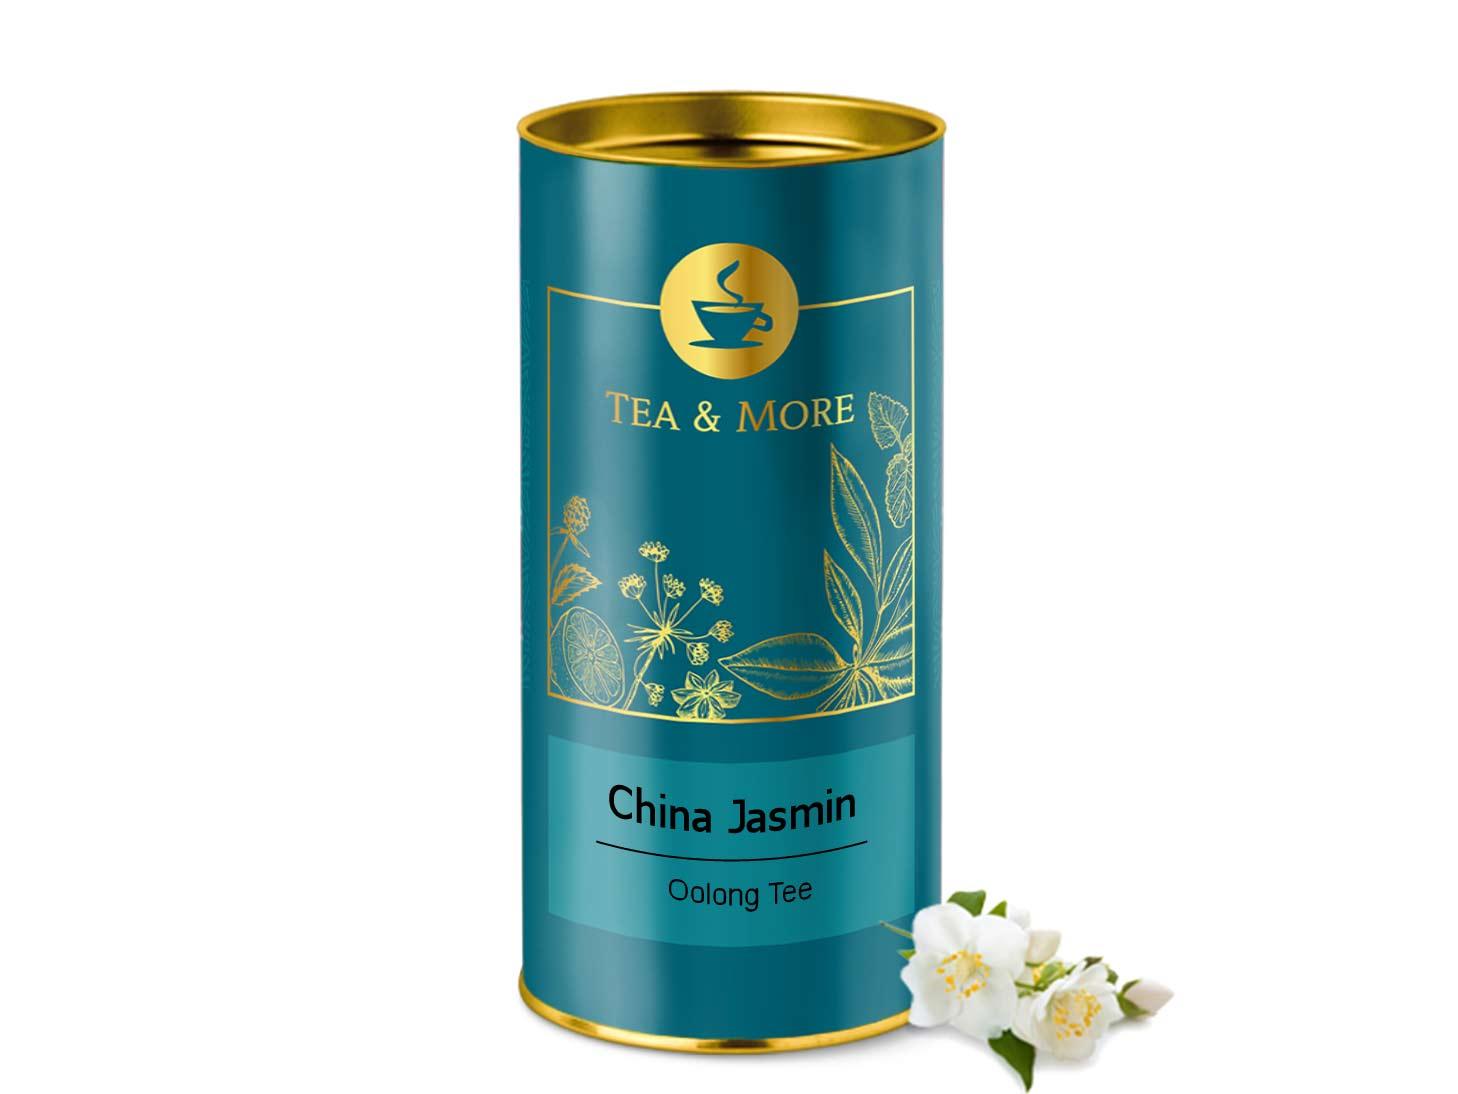 China Oolong Jasmin